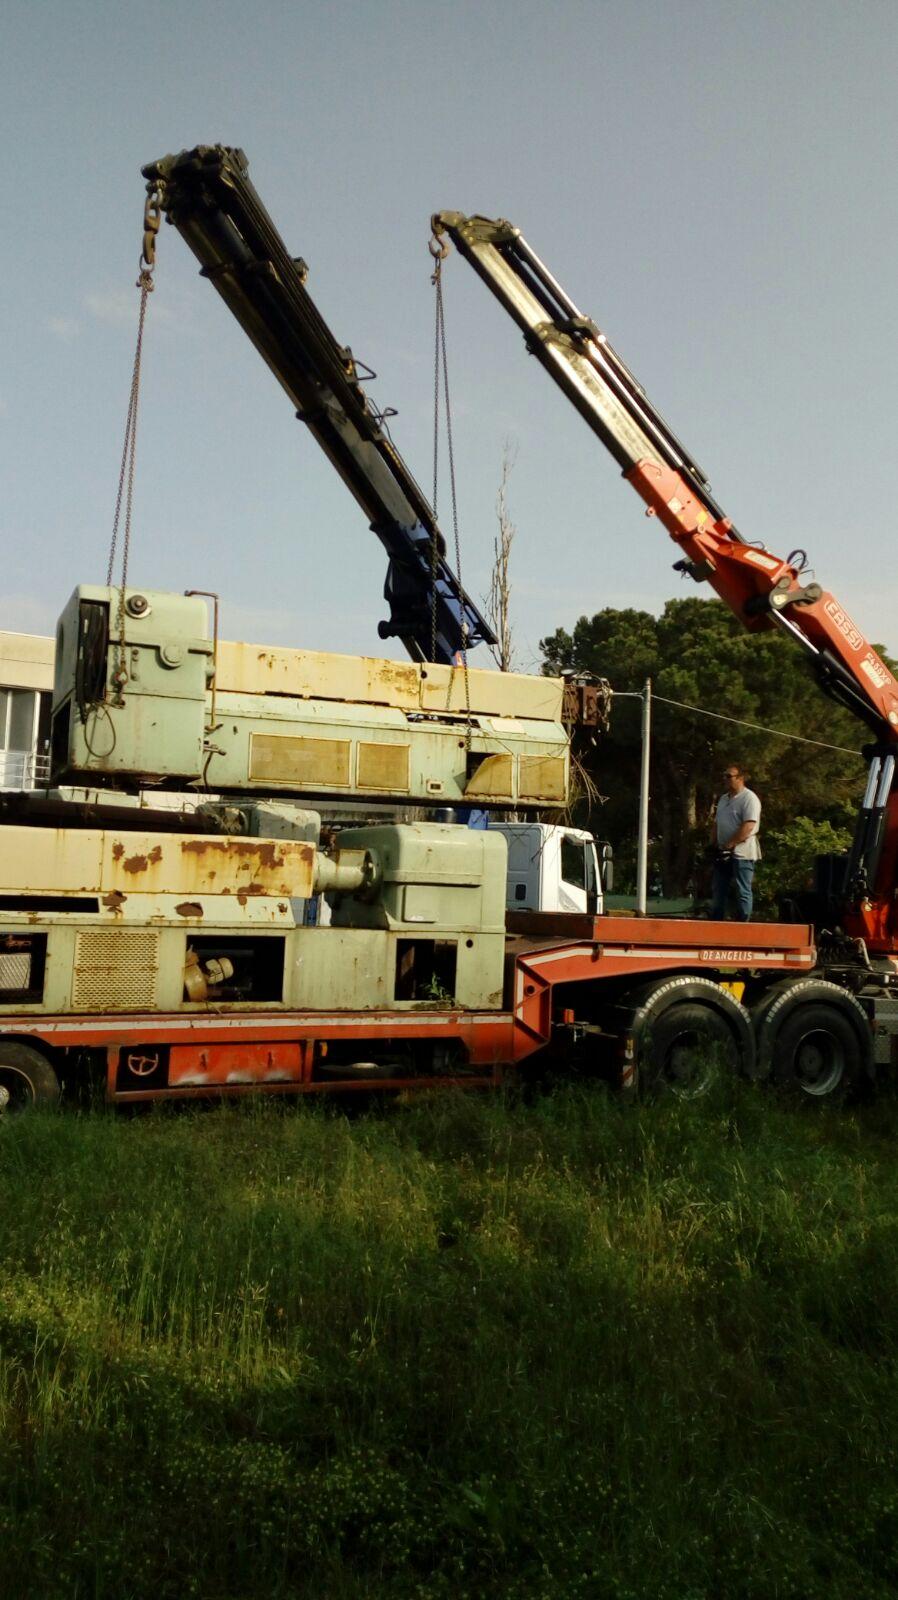 Camion rimorchio per trasloco macchinari